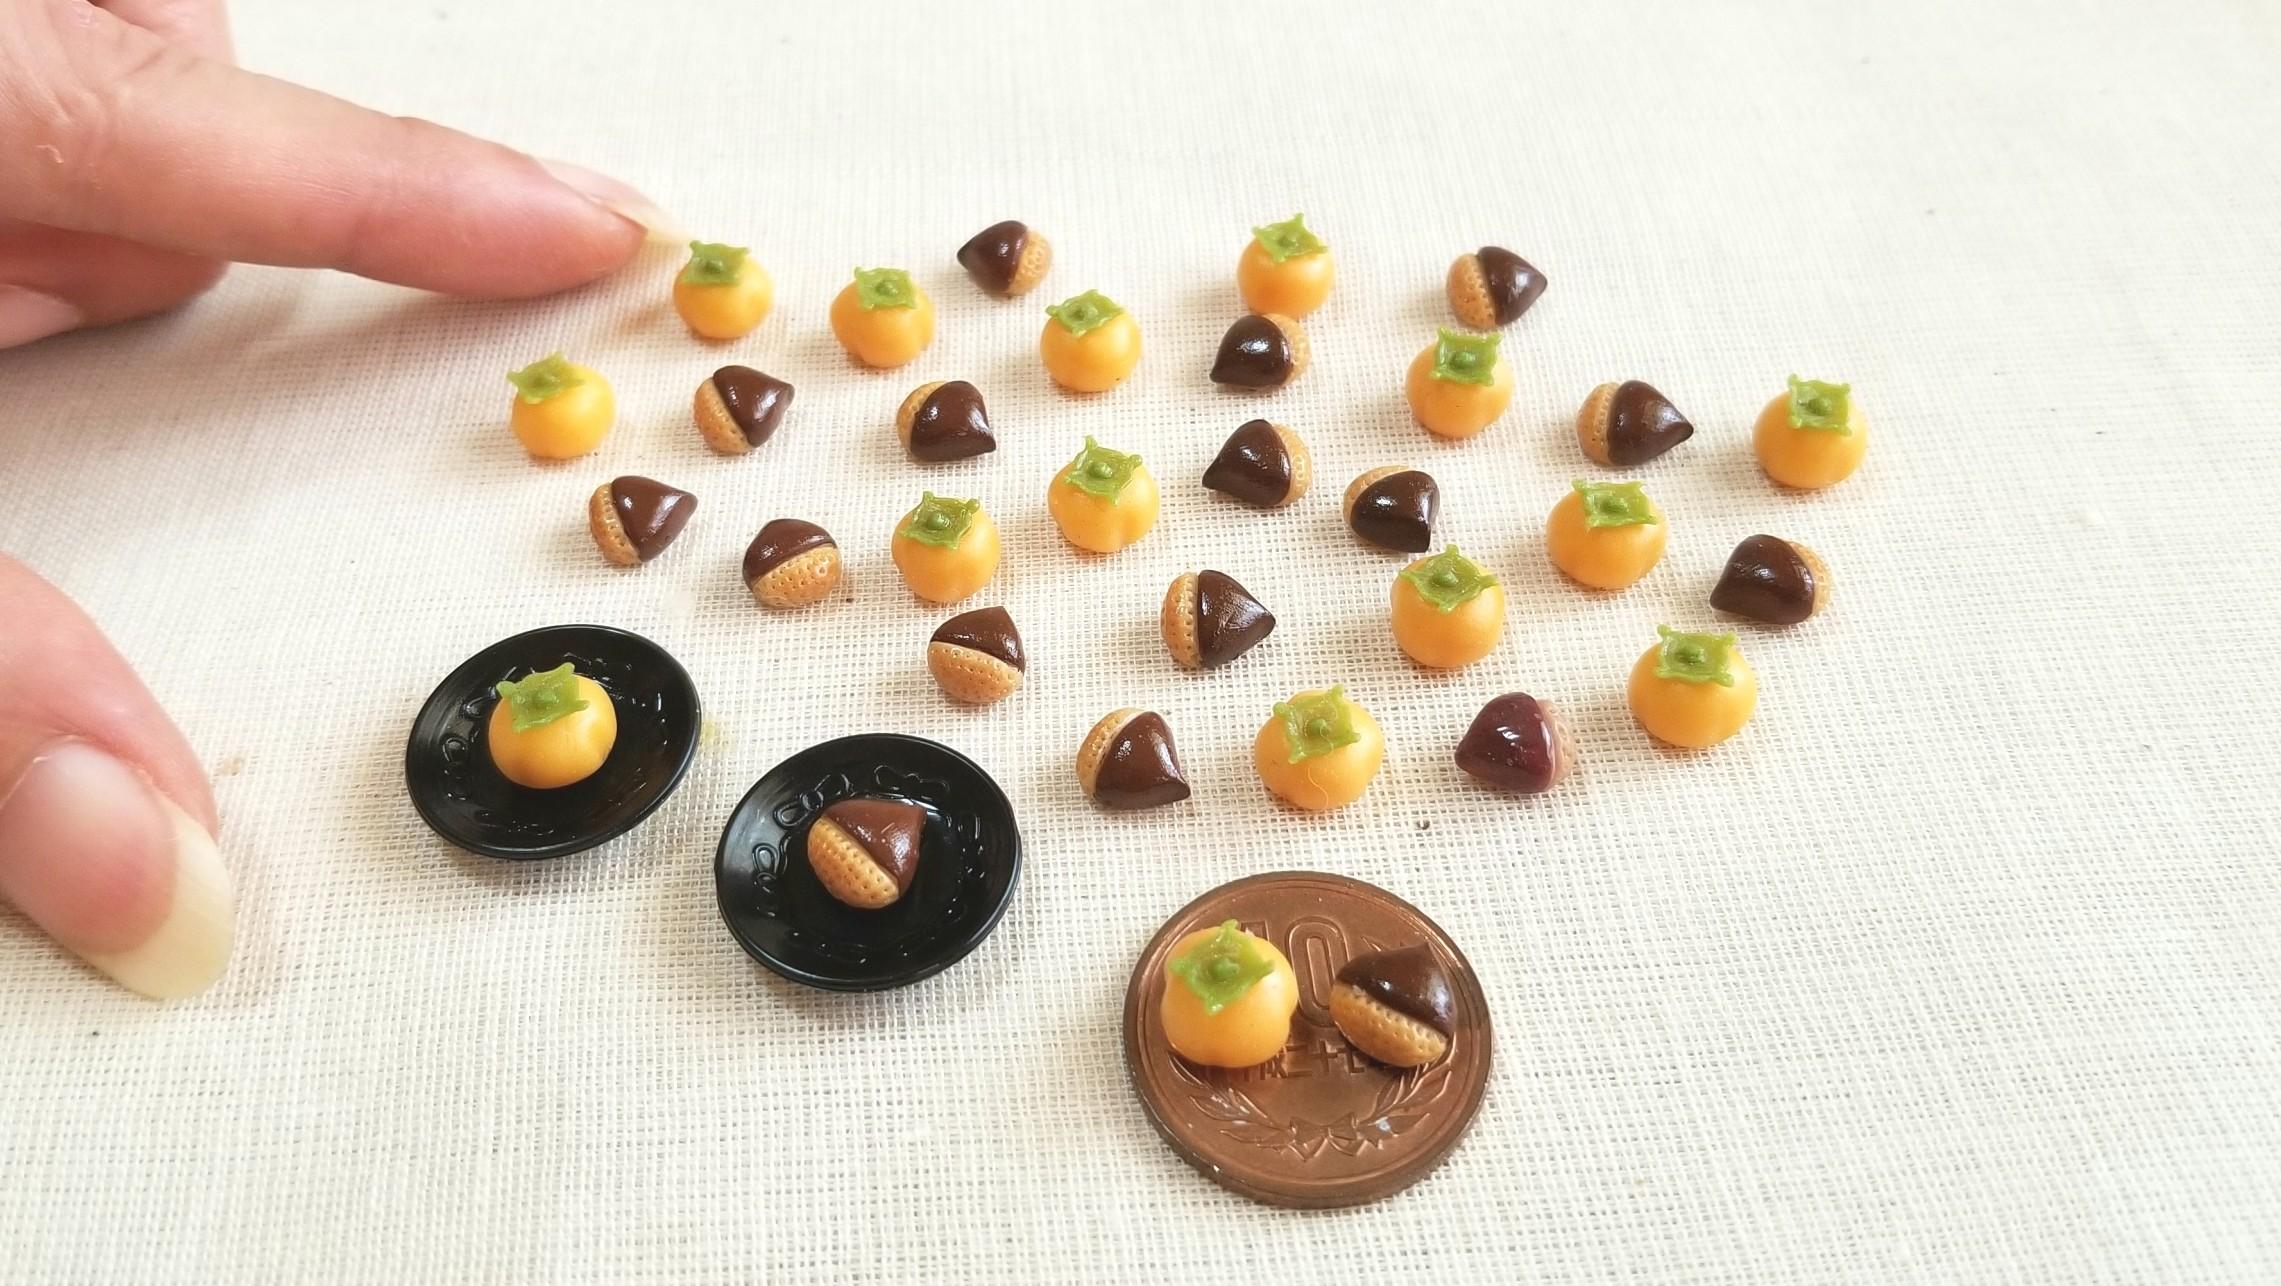 栗拾い,柿,美味しい和菓子,上品な生菓子,練りきり,饅頭,ミニチュア